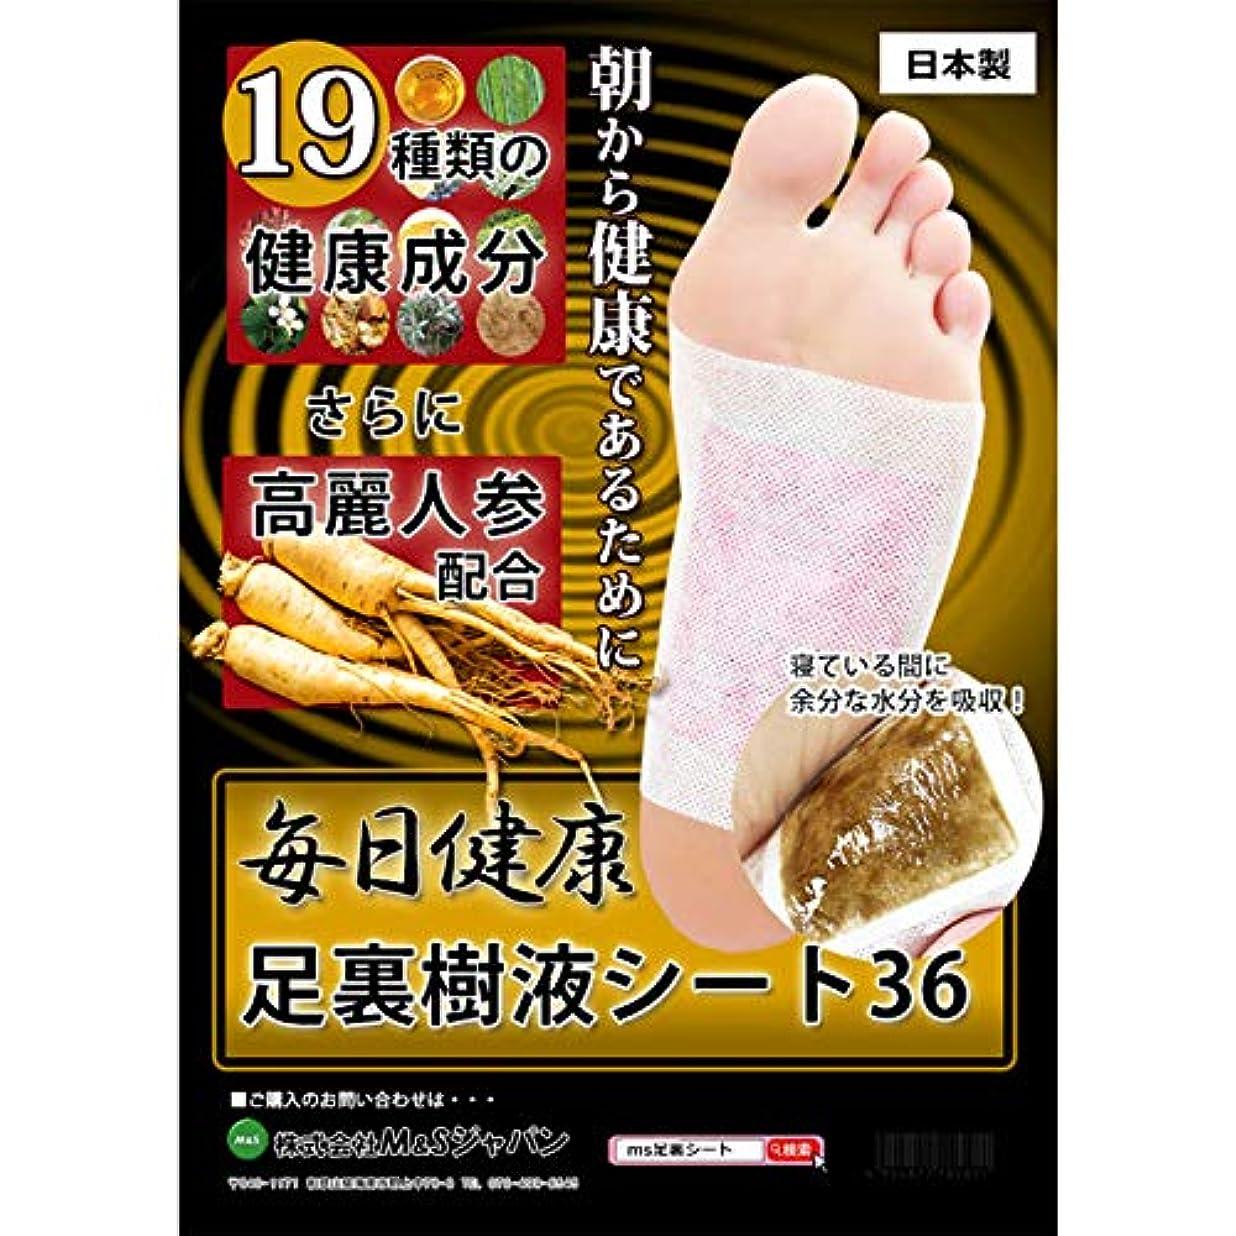 気分が悪い固執ストラップ毎日 健康 足裏樹液シート 高麗人参入り+19種類の健康成分 36枚 日本製